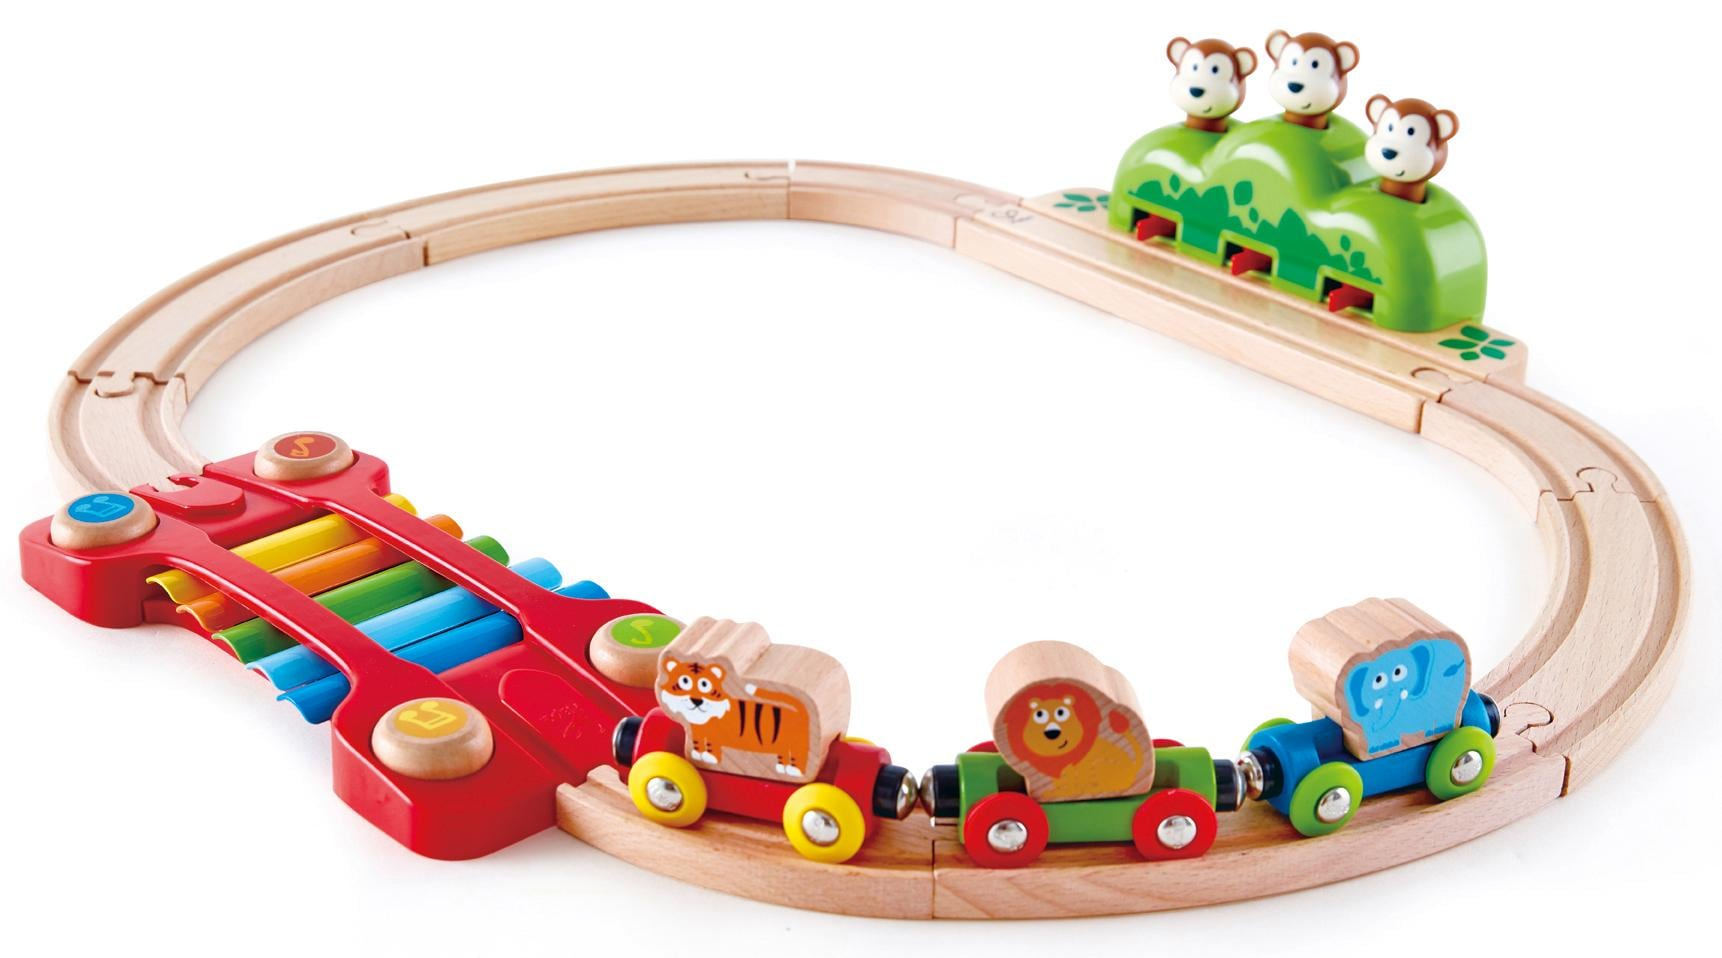 Hape Spielzeug-Eisenbahn Kleines Tier-Eisenbahnset, aus Holz bunt Kinder Holzspielzeug